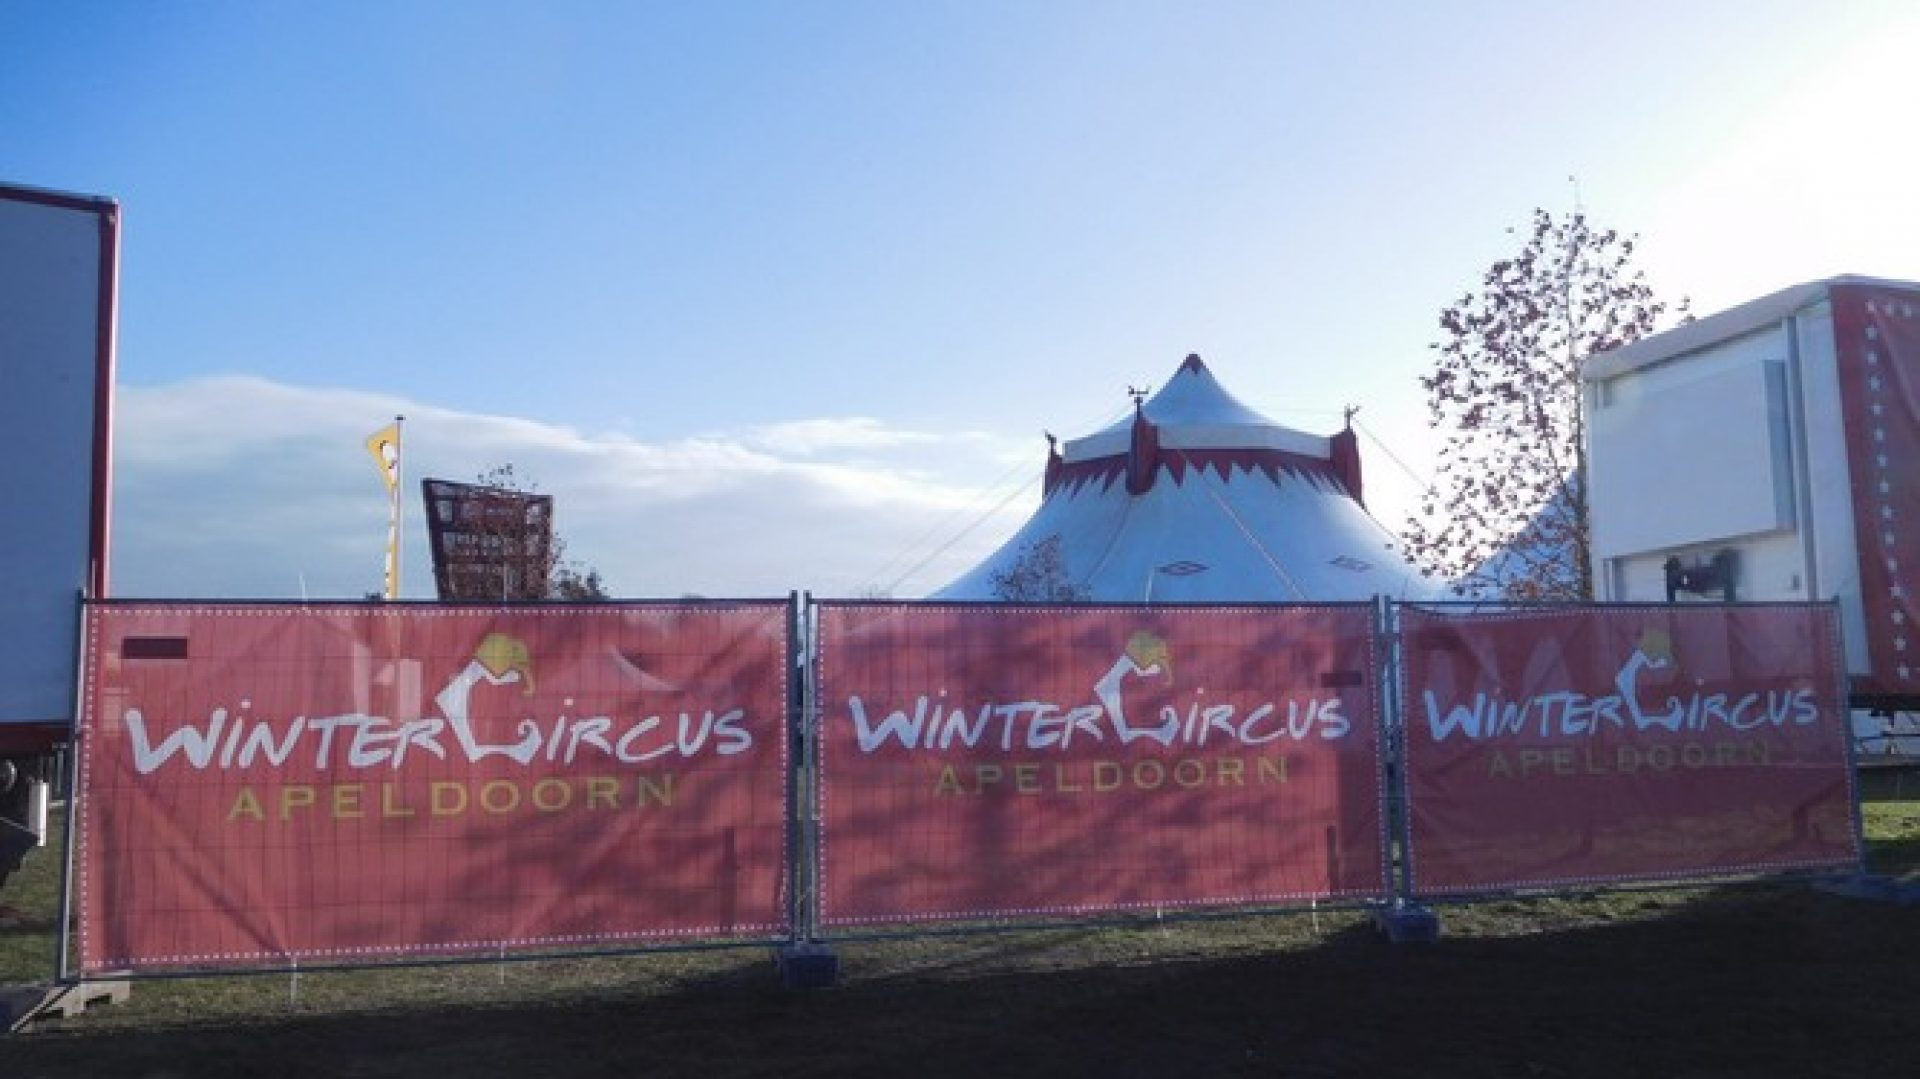 Wintercircus Apeldoorn